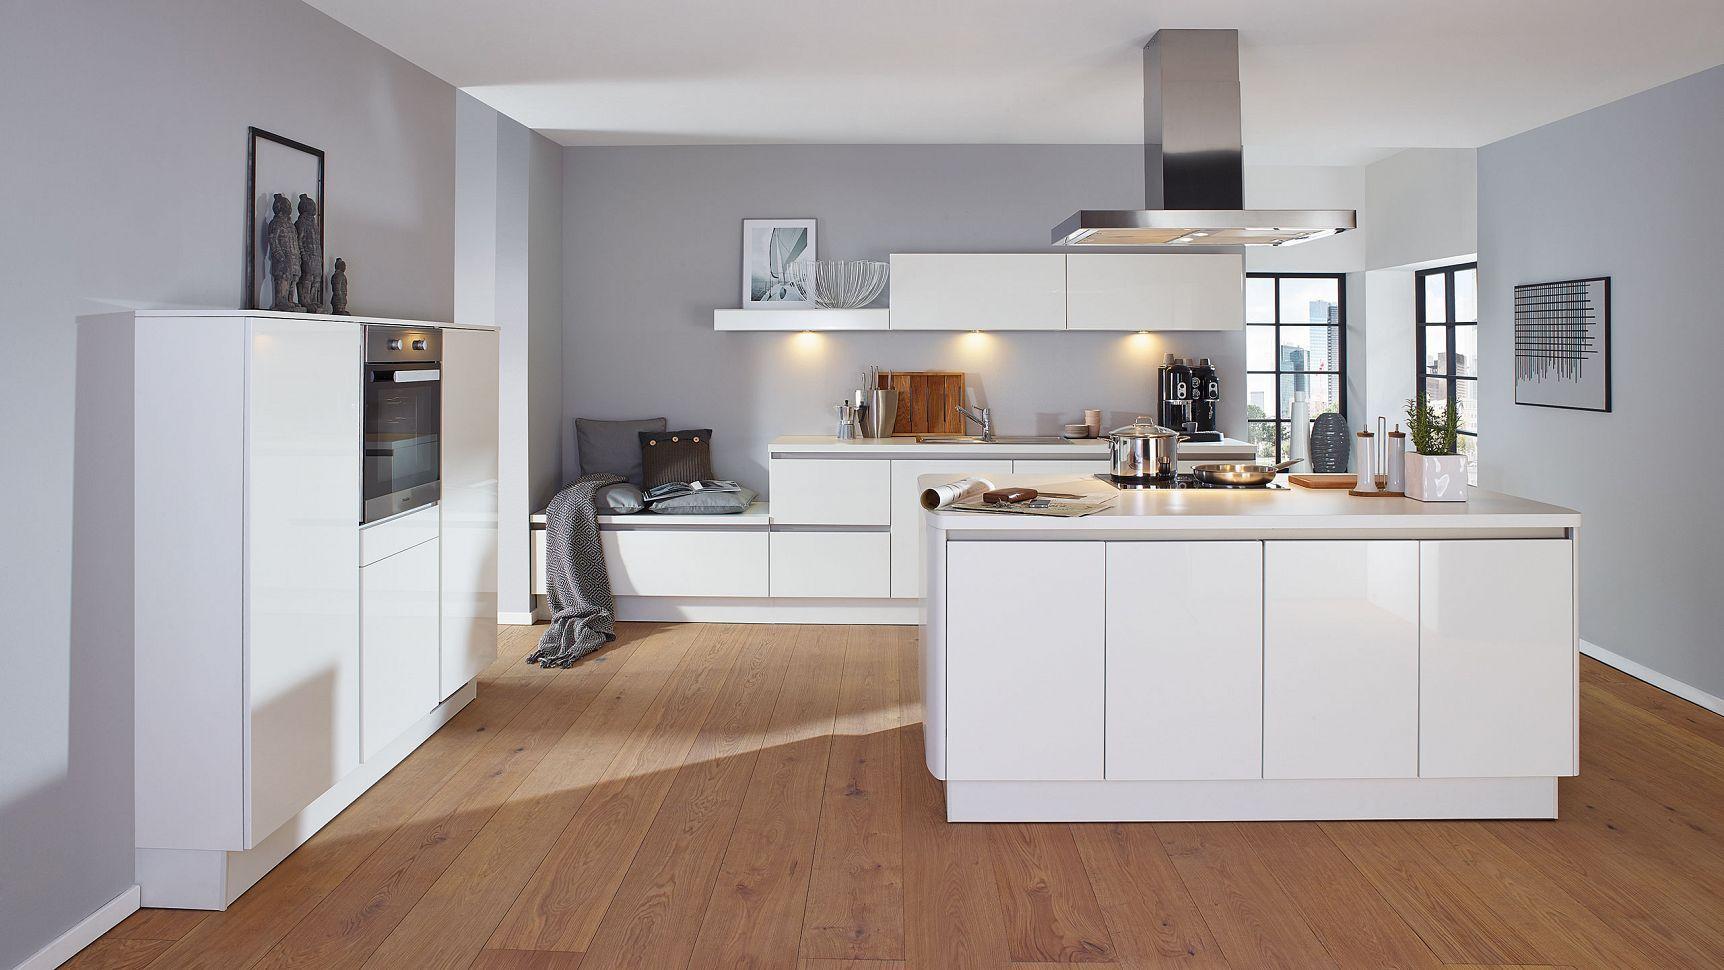 Culineo Küchen ~ Grifflose culineo einbauküche g culineo küchen boden